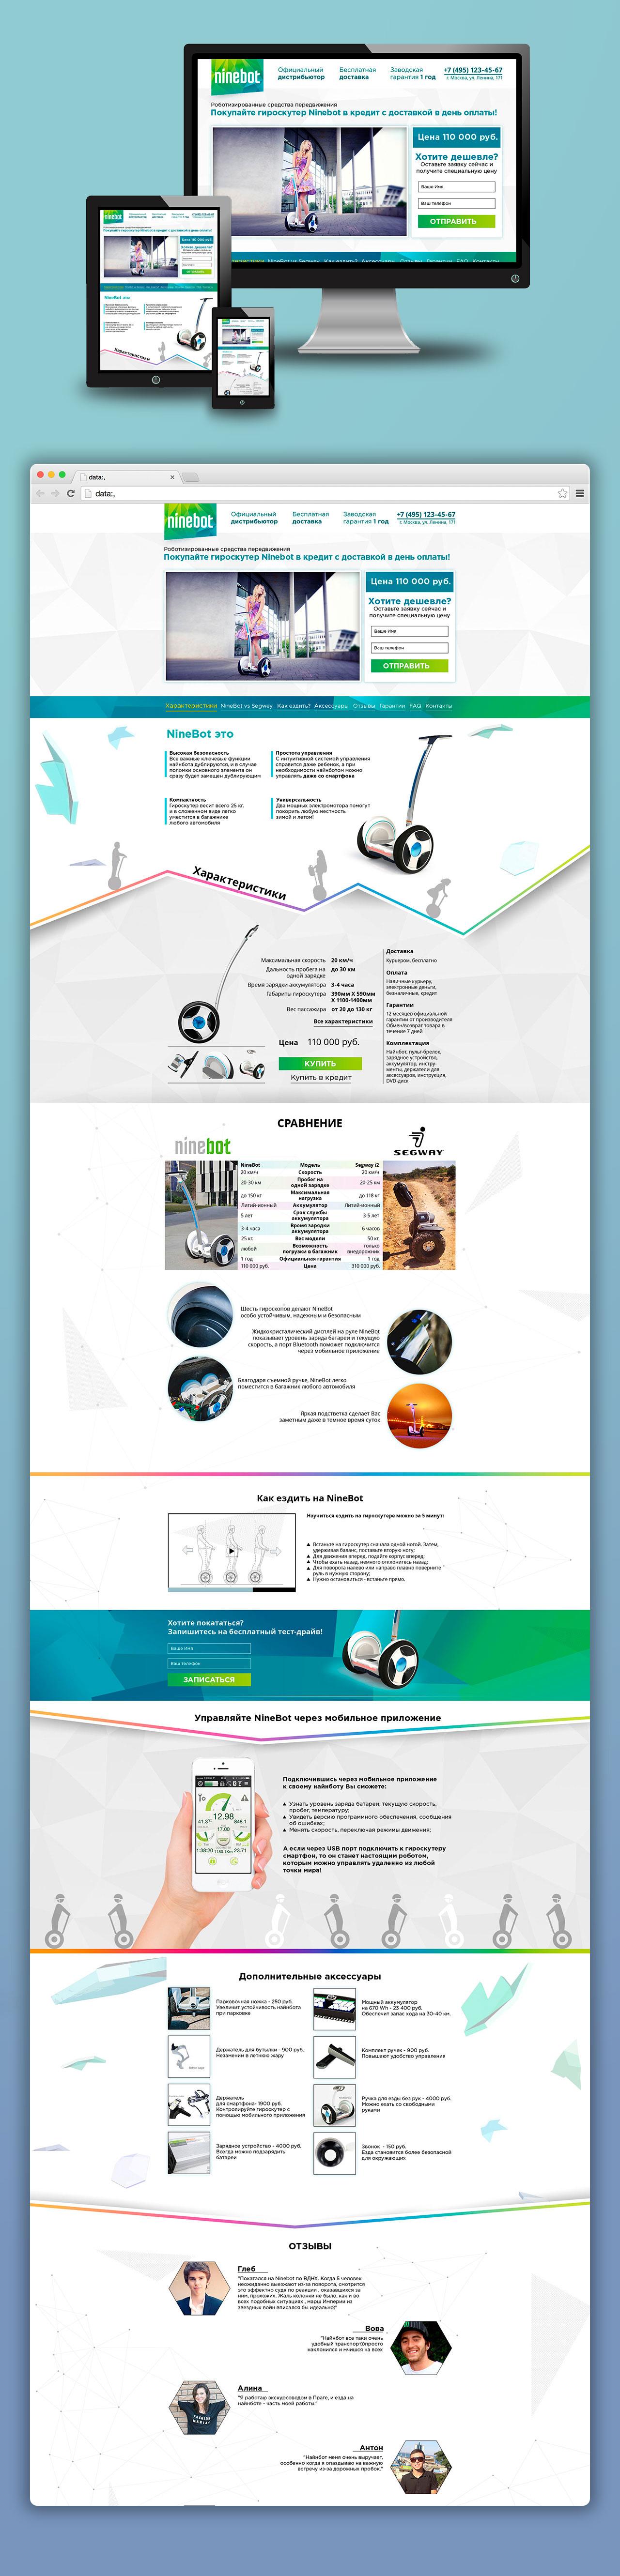 Дизайн Landing Page для продаж гироскутеров NineBot